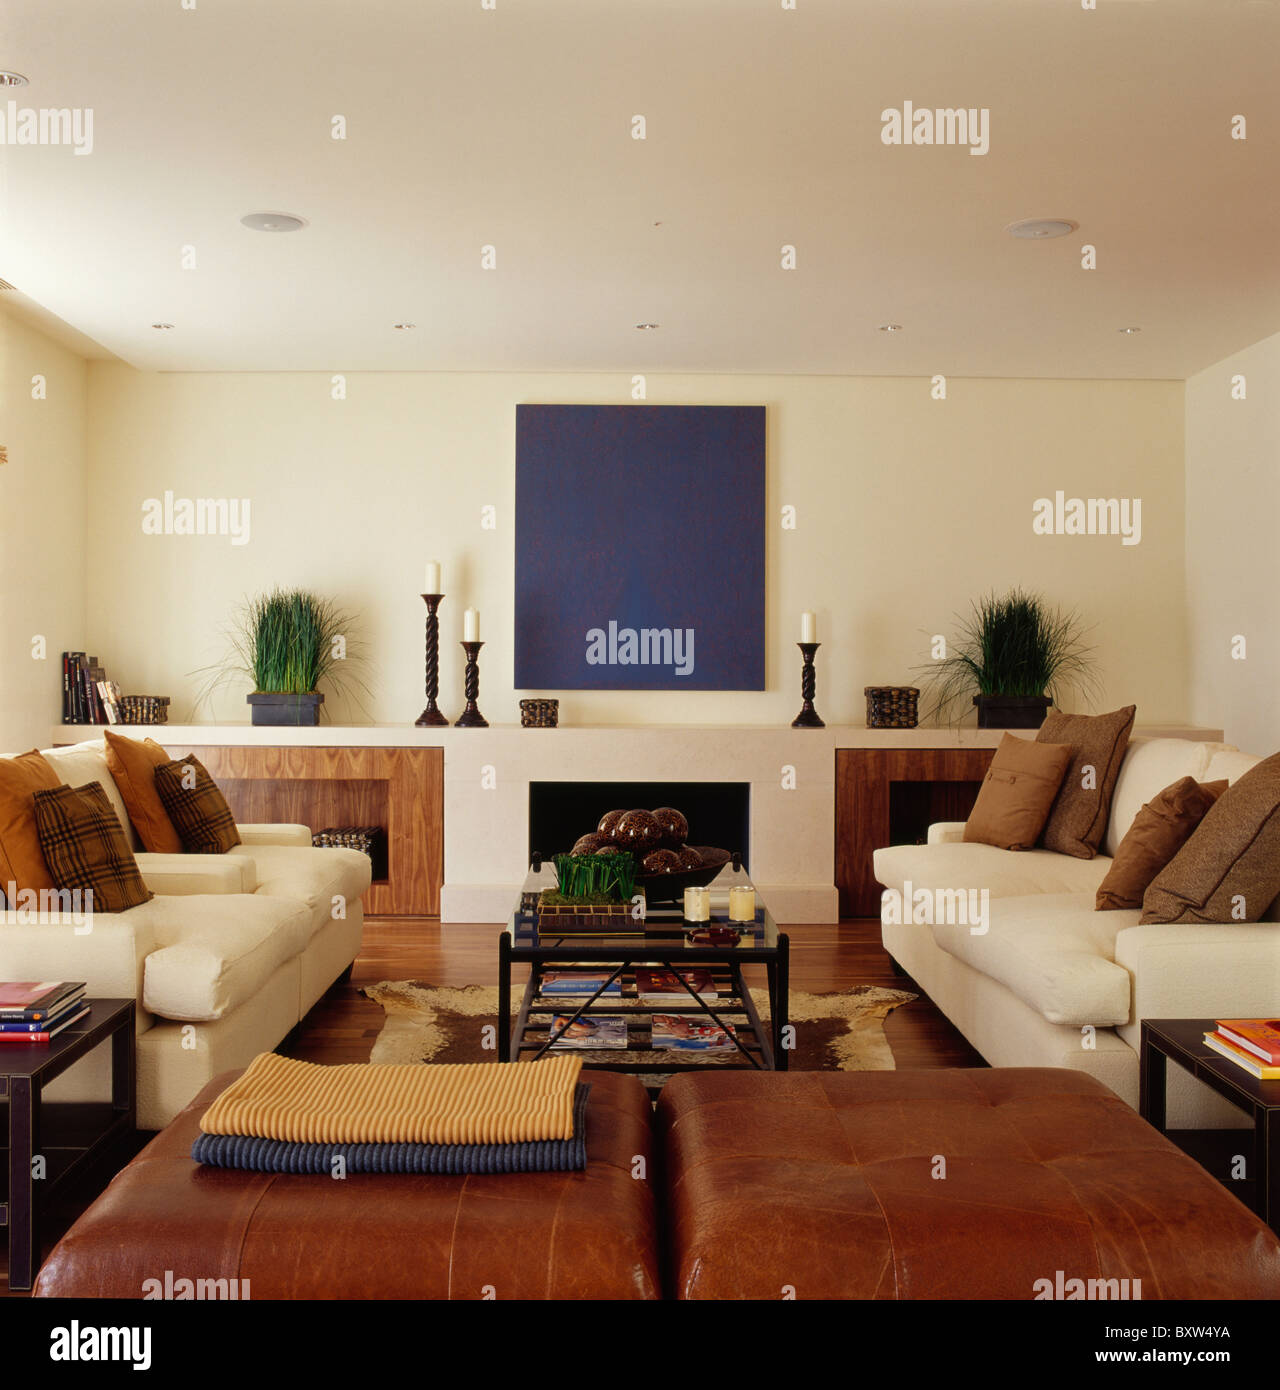 Gemälde Wohnzimmer, abstrakte gemälde an der wand über dem kamin im modernen creme, Design ideen